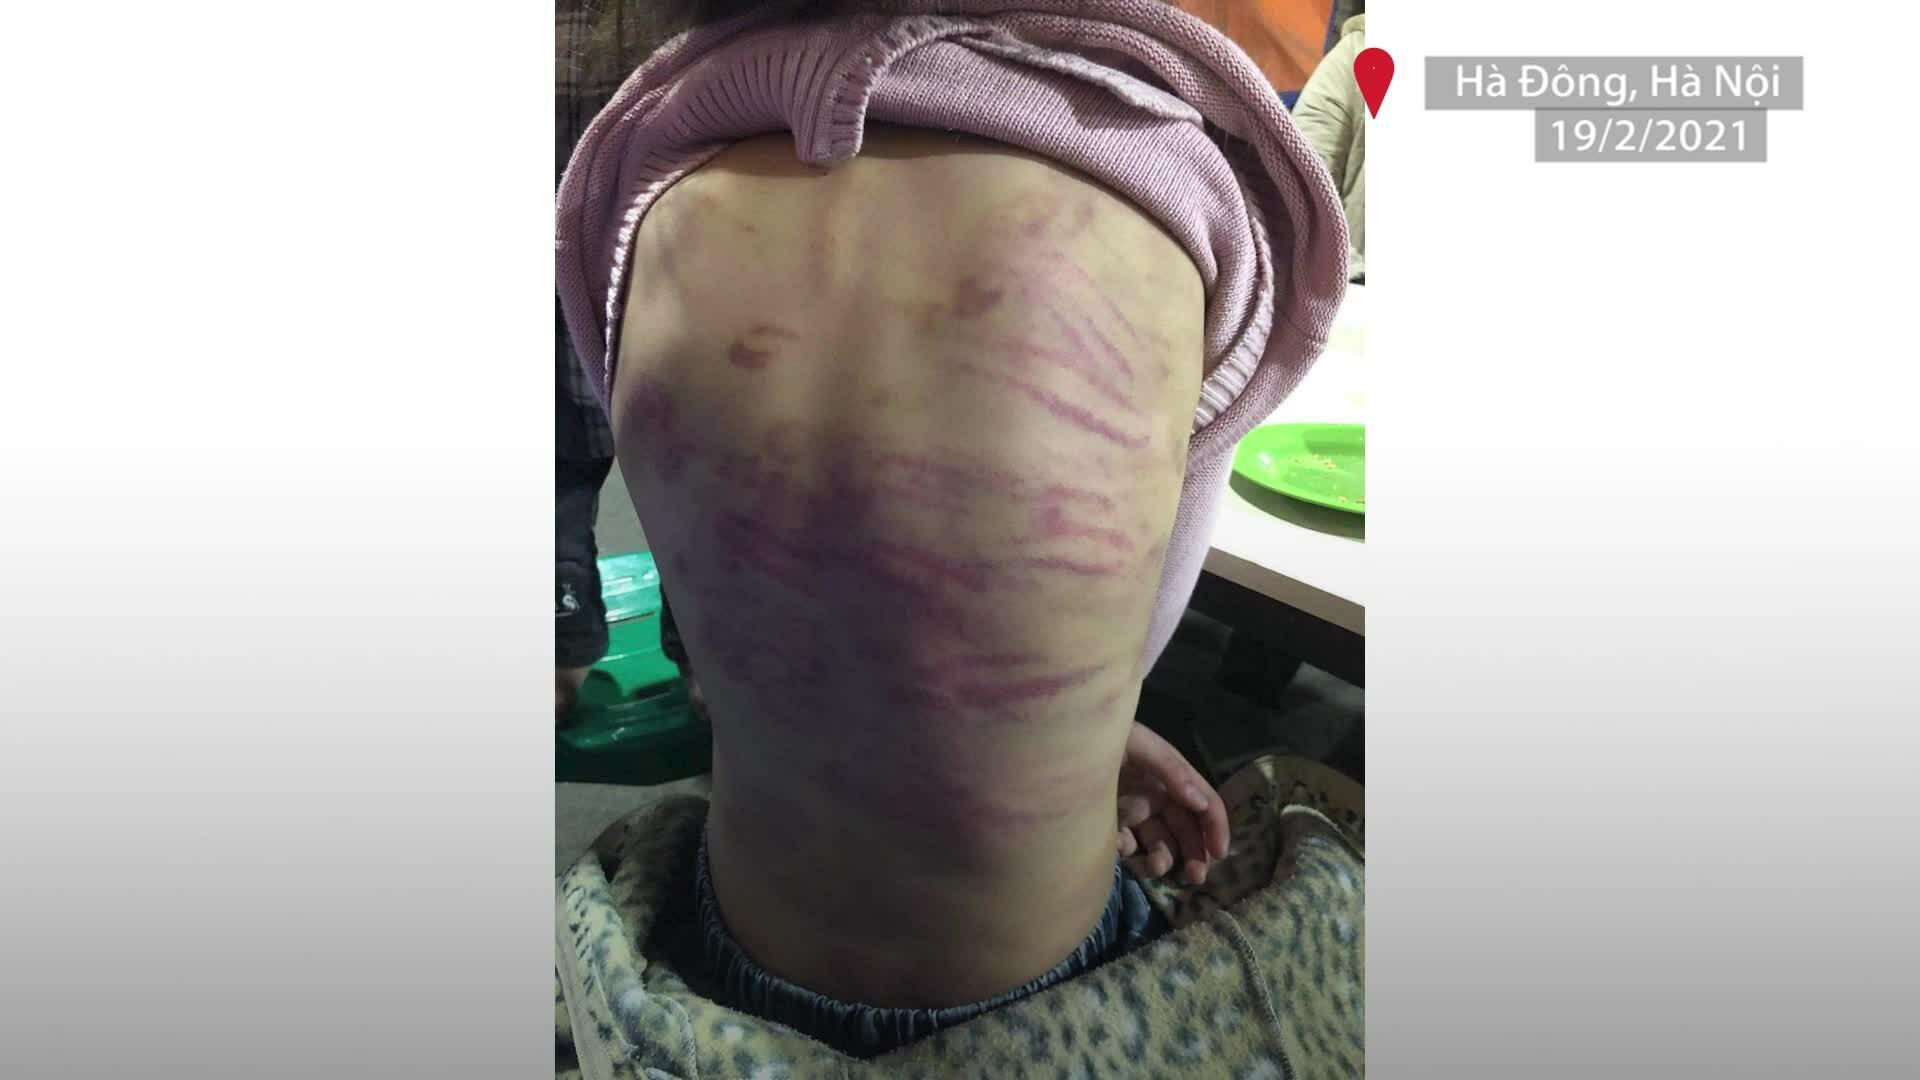 Lời kể của bé gái 12 tuổi bị xâm hại, bạo hành bé